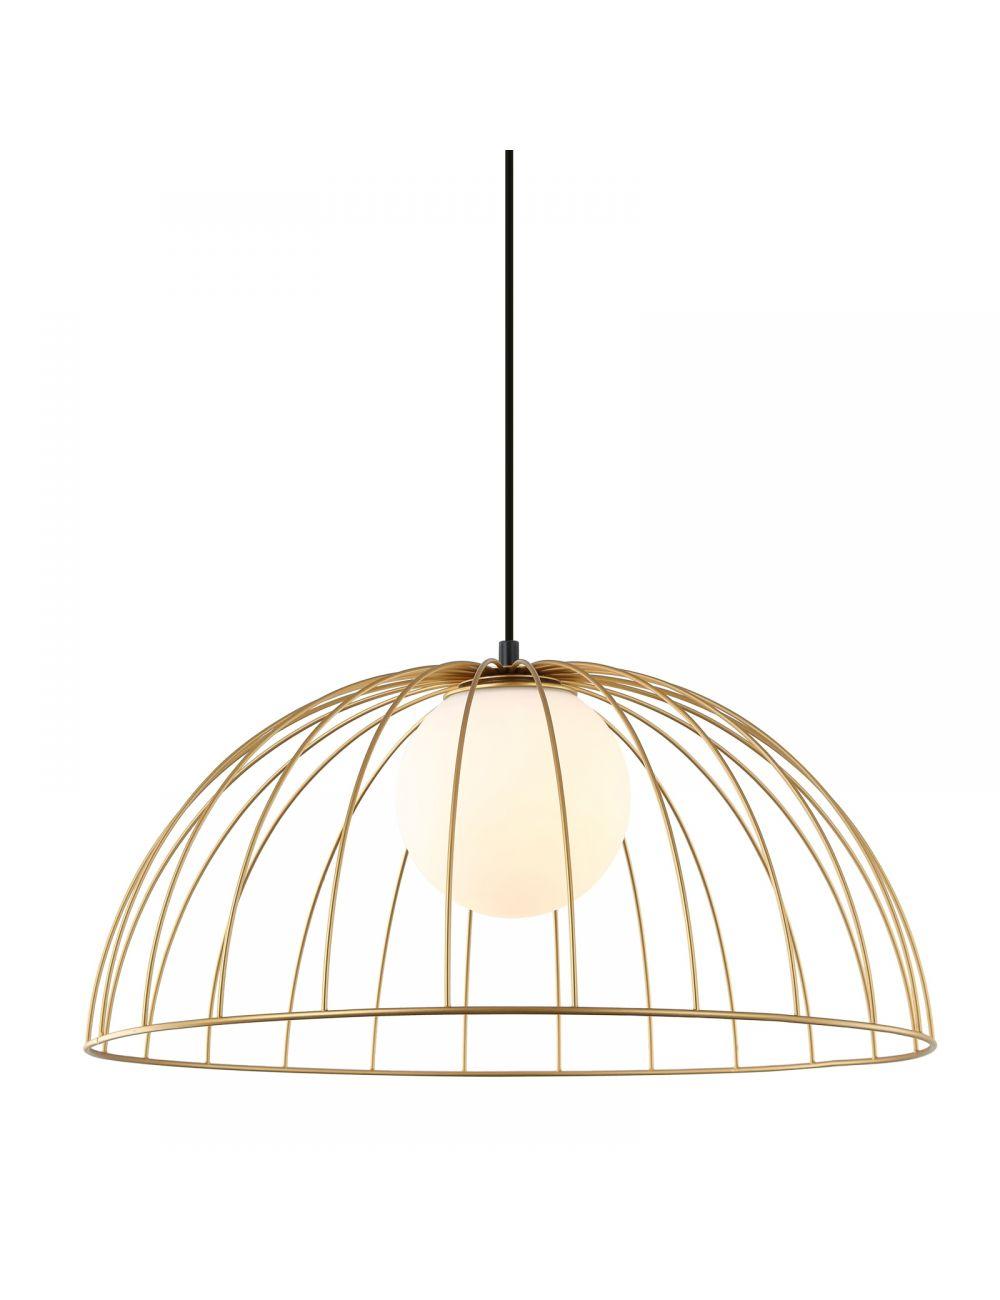 Lampa wisząca pojedyncza druciana złota Italux MDM-3761/1L GD